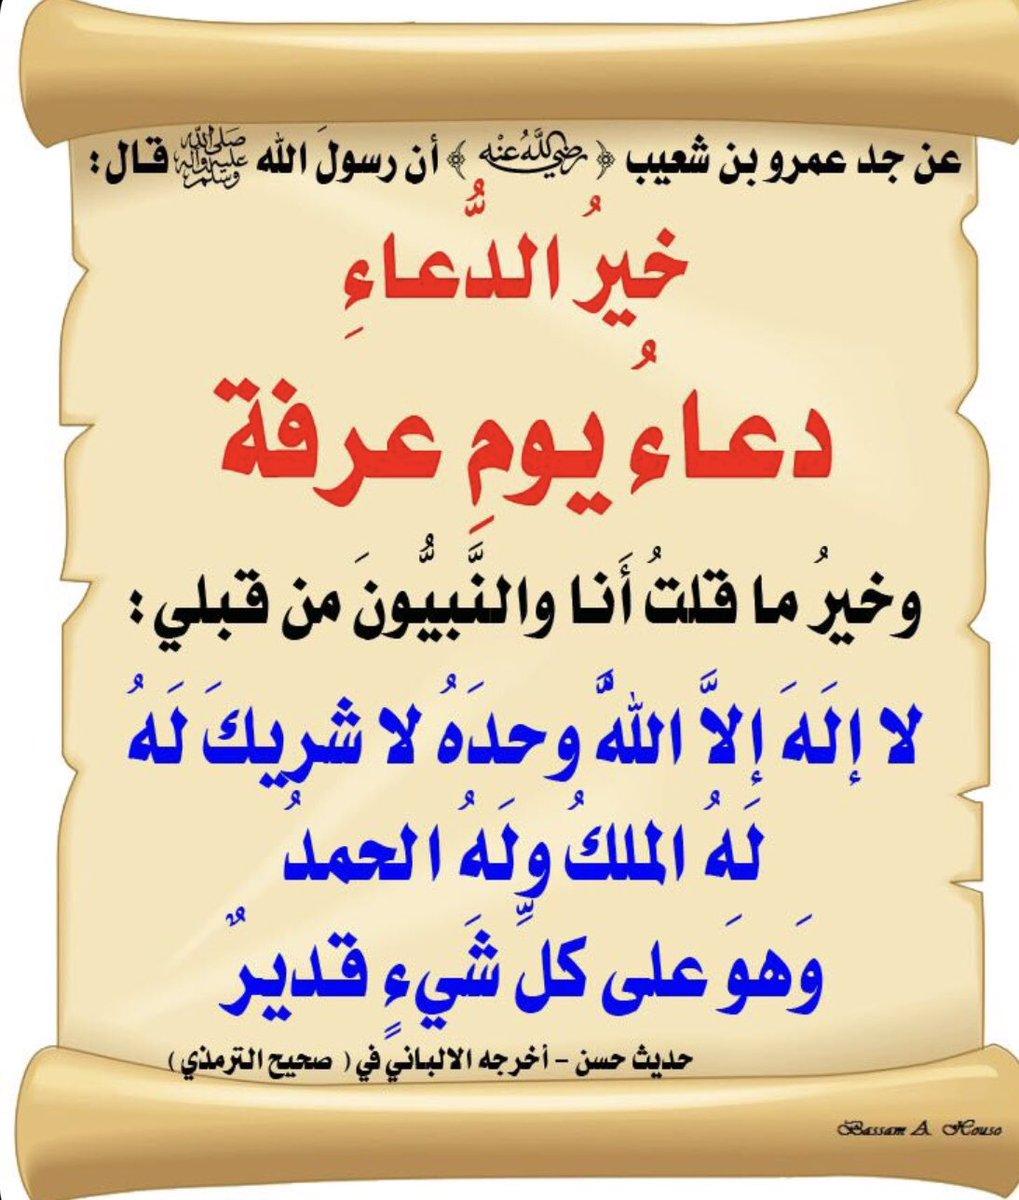 خير الدعاء دعاء يوم عرفة Tweet Added By ام حنان Download